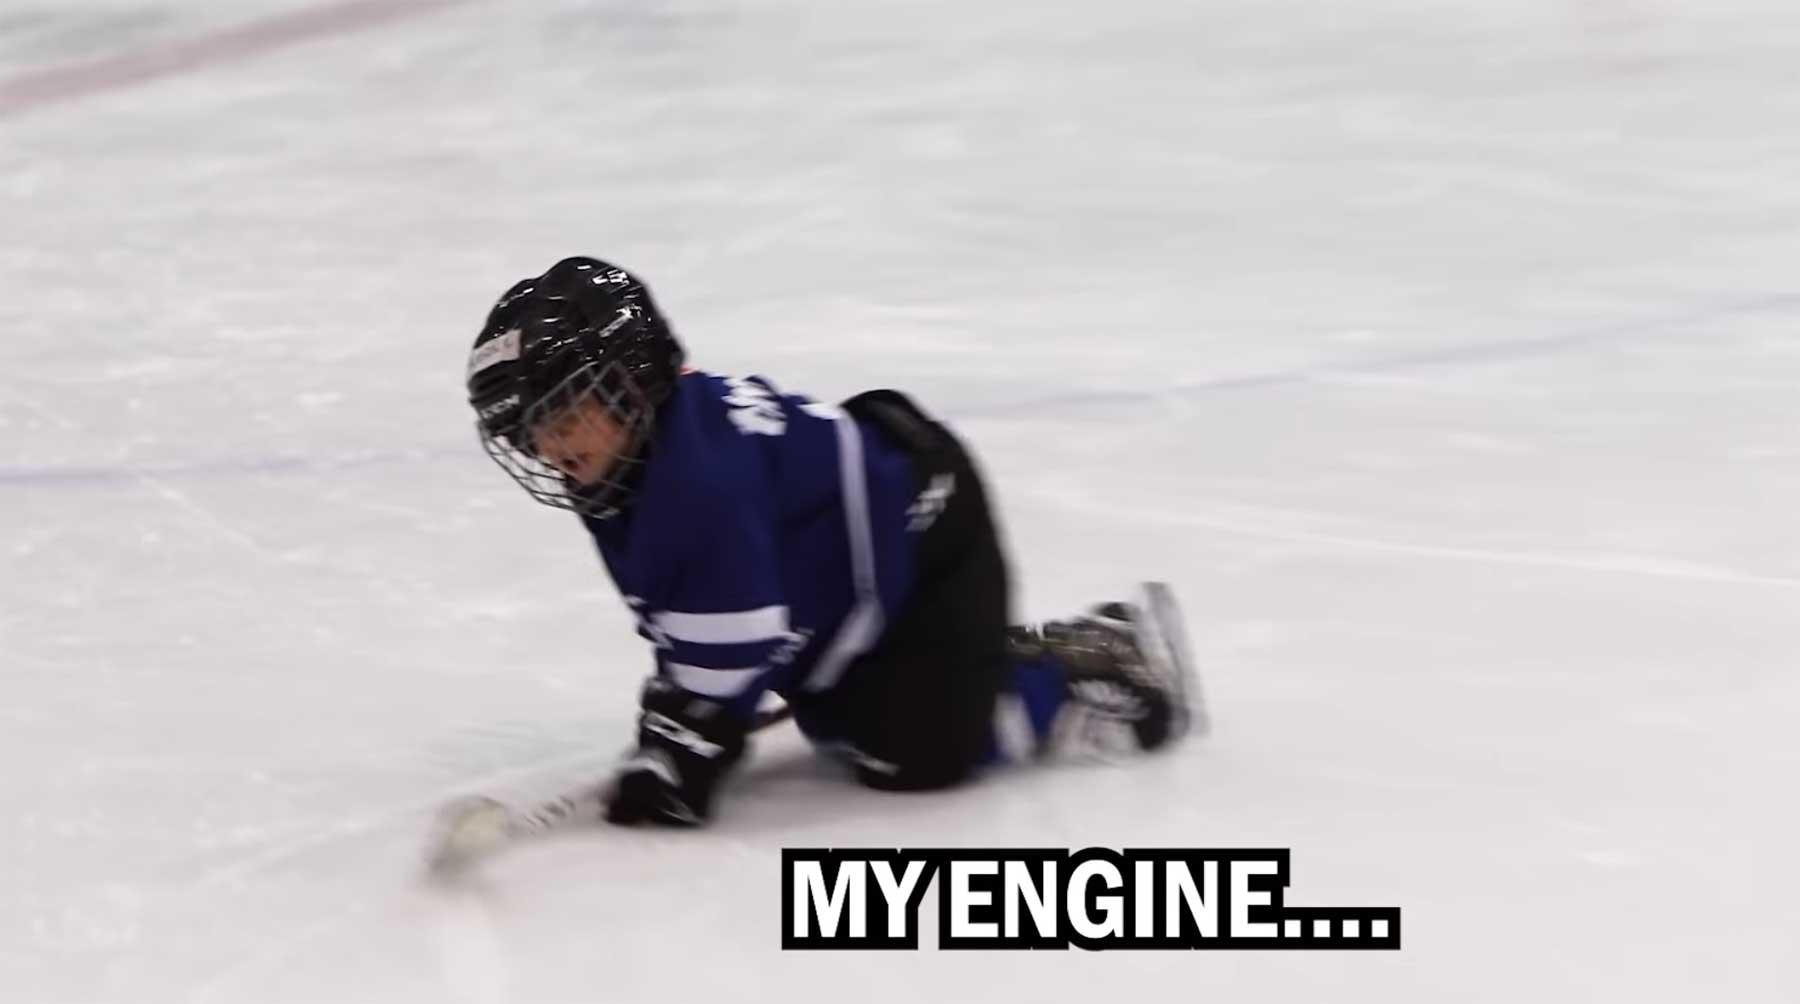 Das sagt und sieht ein 4-Jähriger beim Eishockey-Training